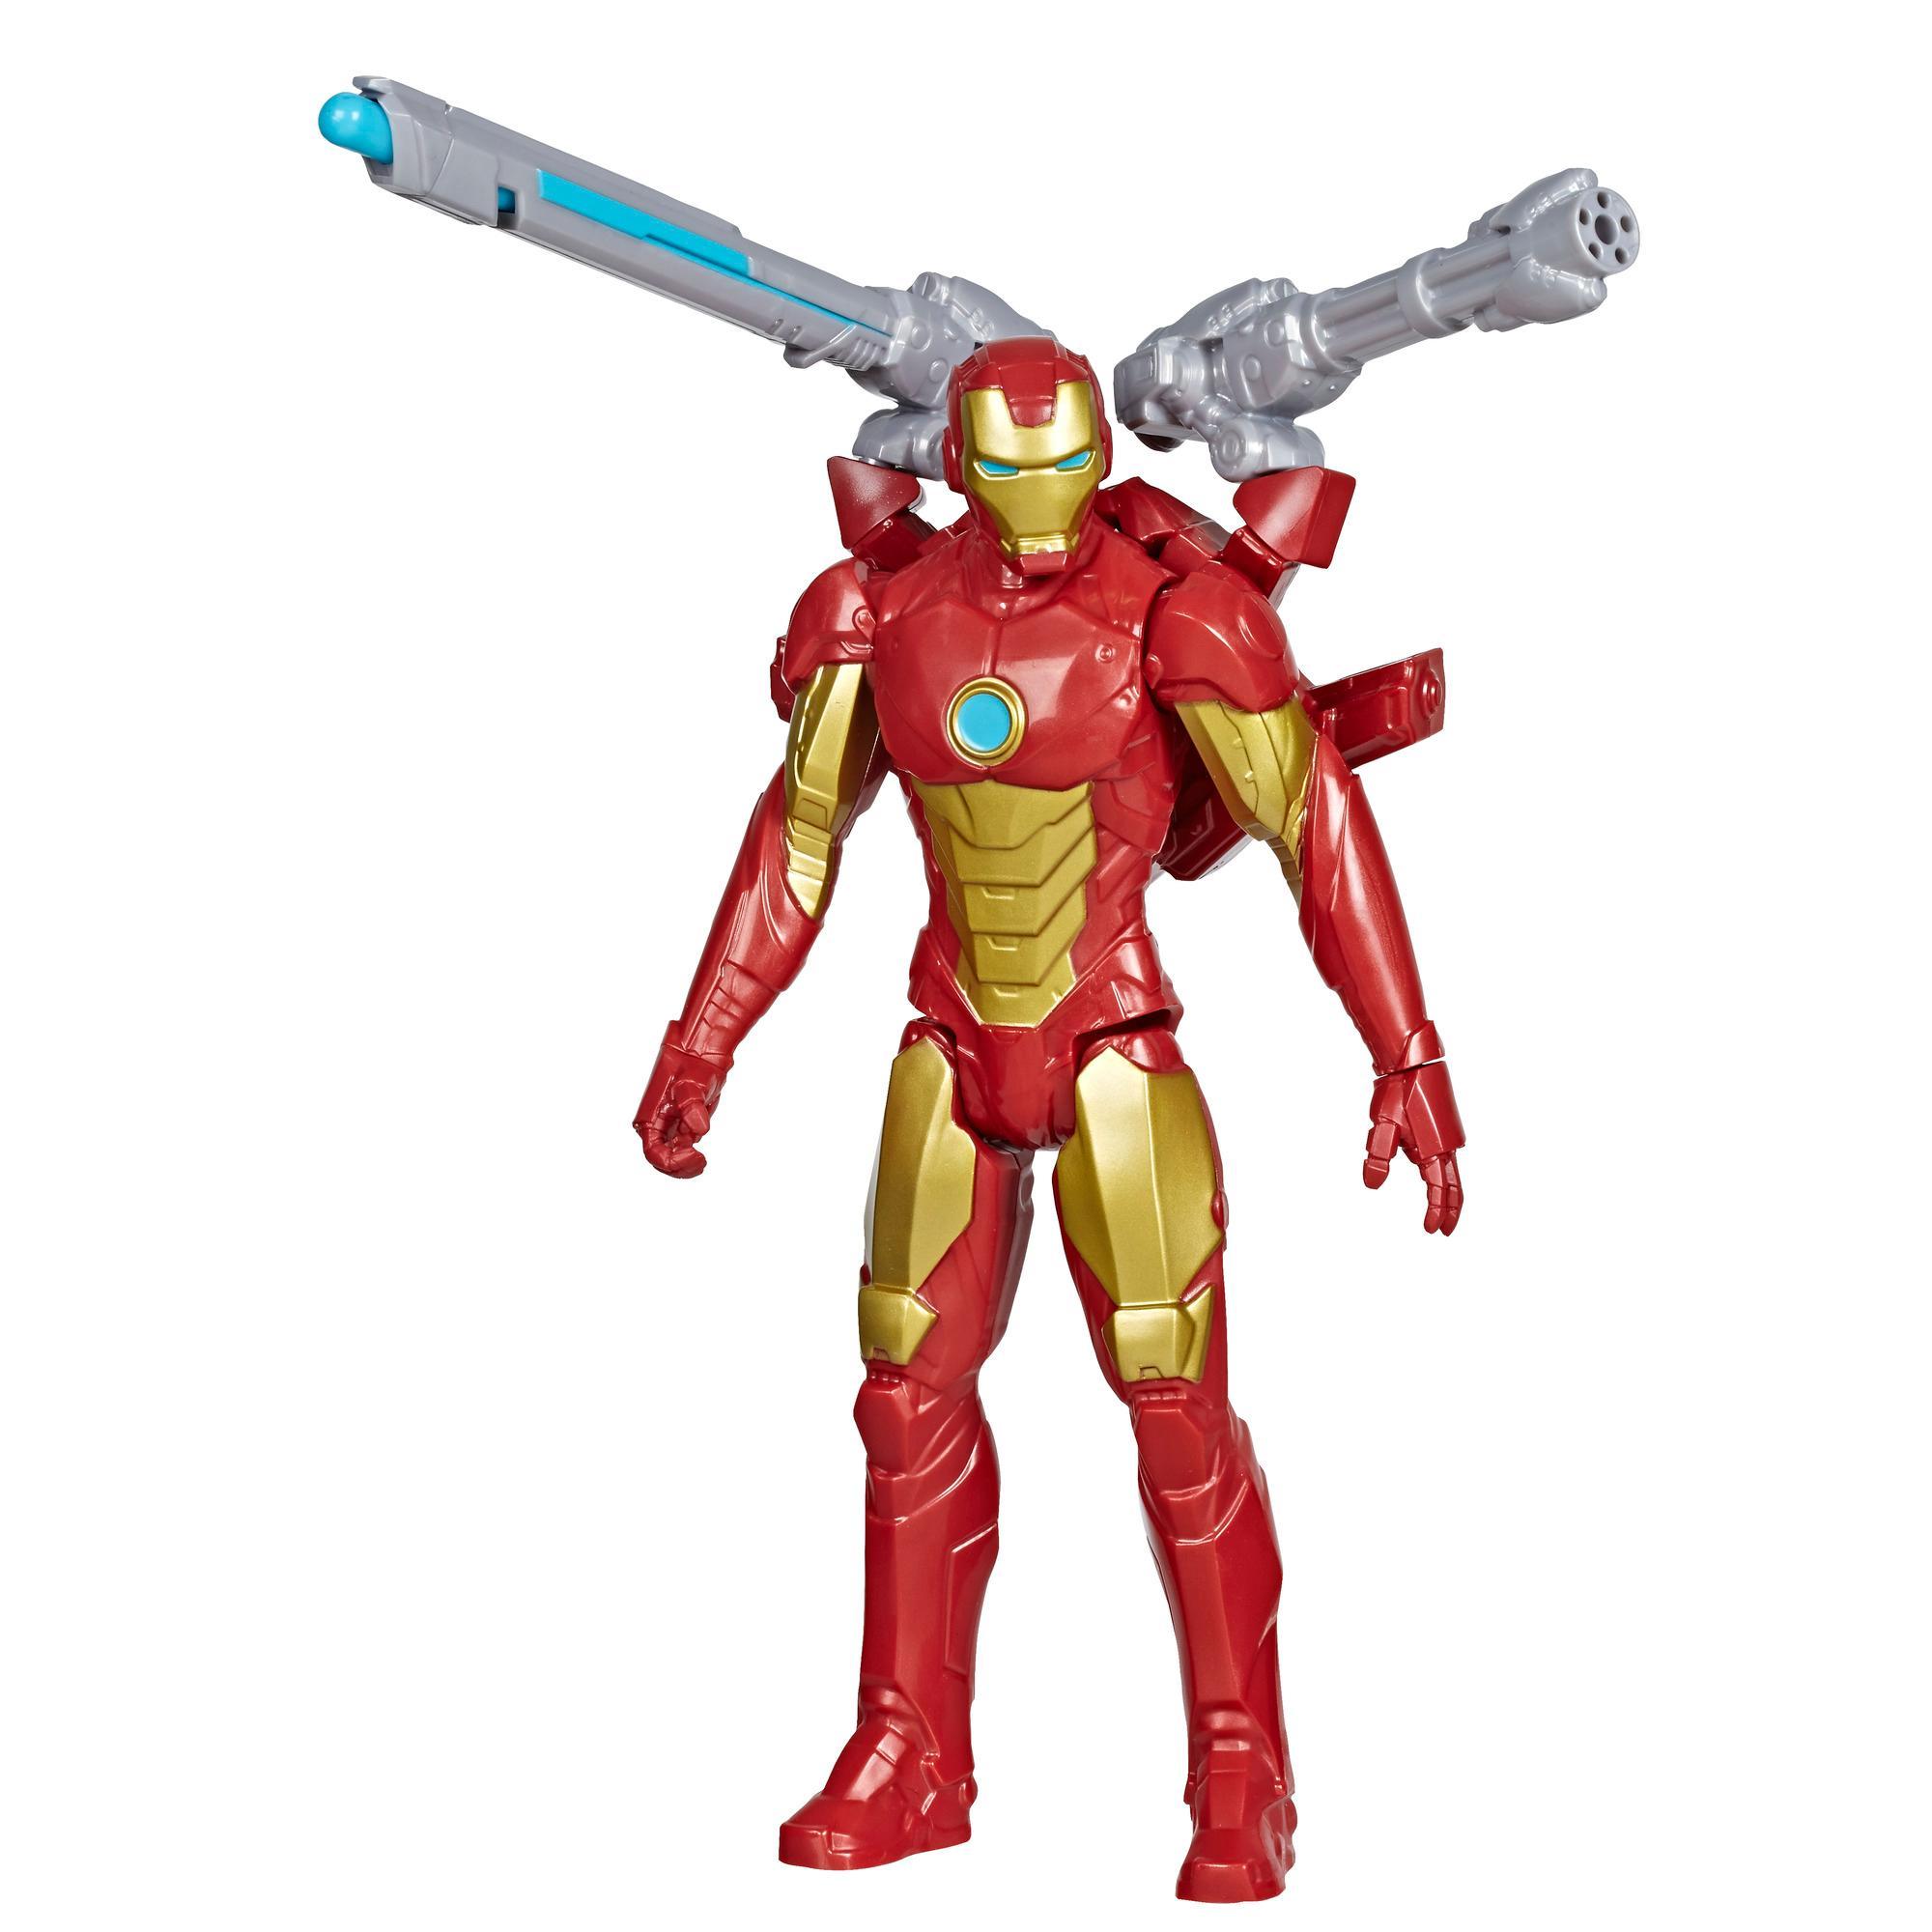 Набор игровой Мстители Титан 30 см Железный человек с аксессуарами AVENGERS E7380